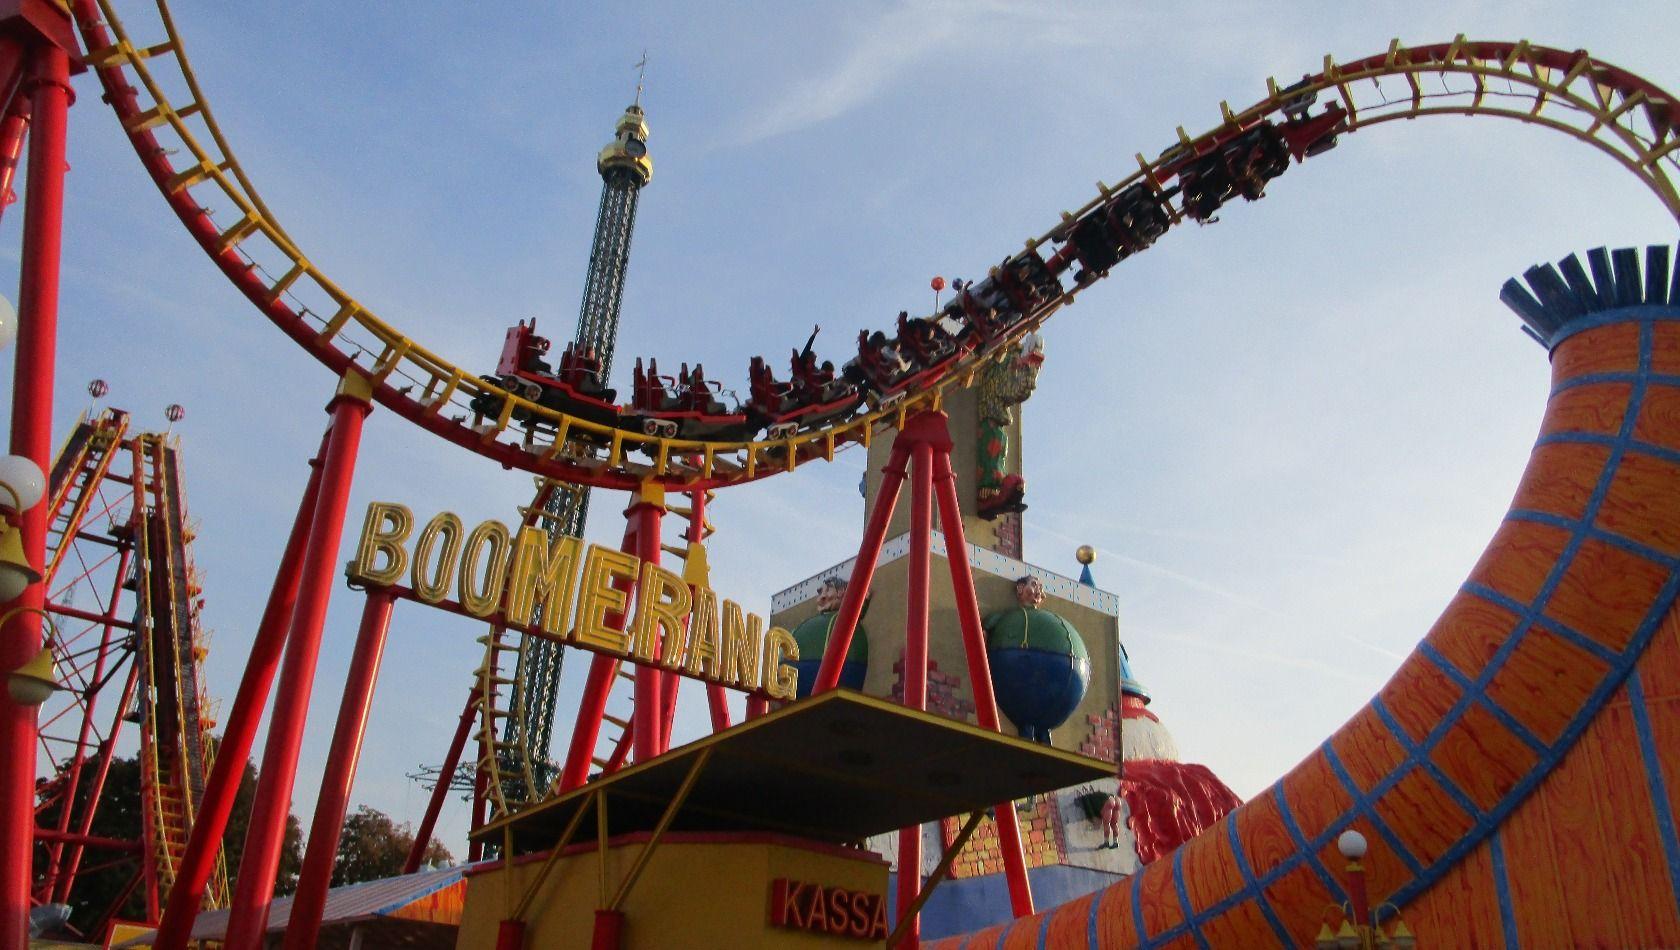 Boomerang Achterbahn im Wiener Prater | Bild Copyright Christian Ohrens, Parkerlebnis